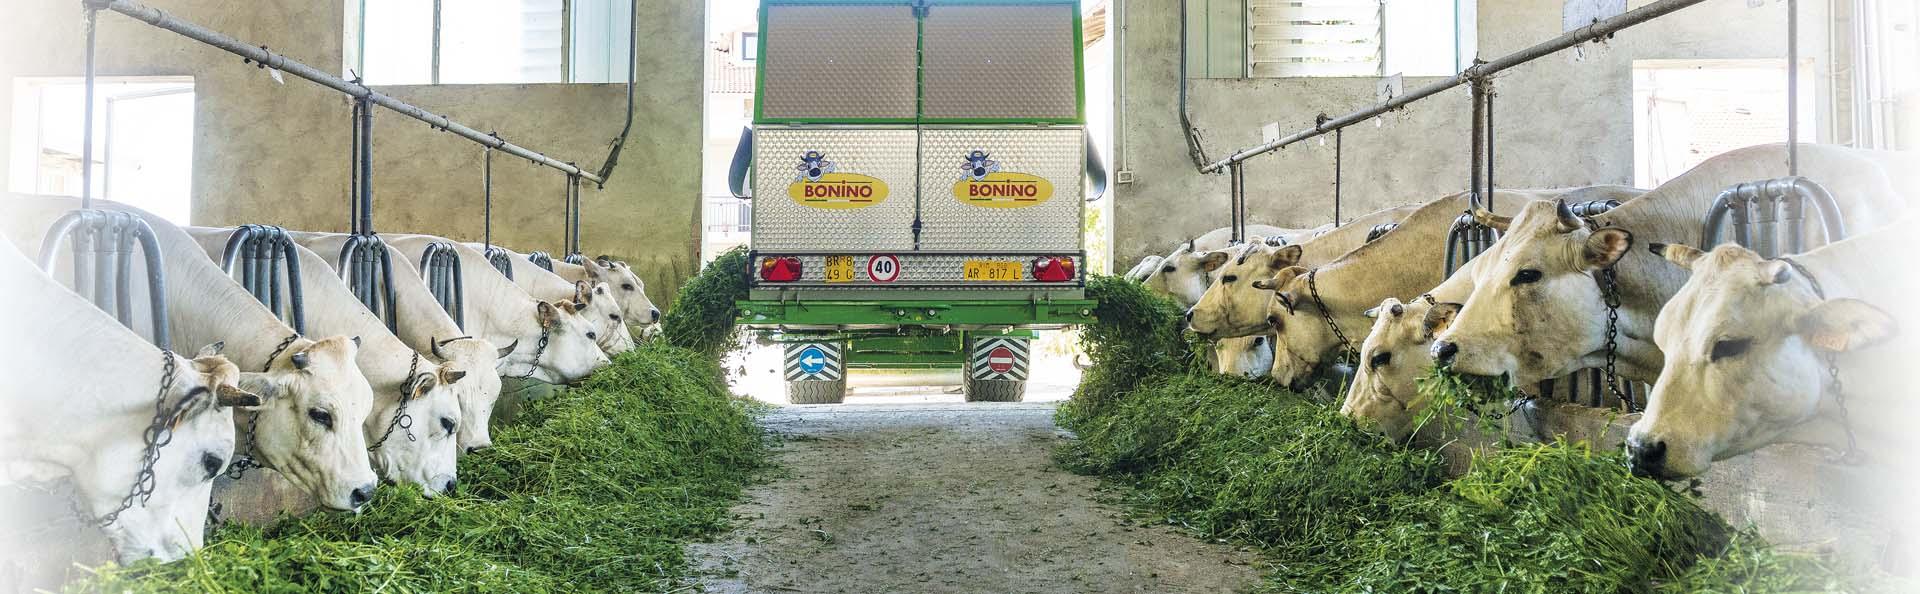 Bonino-alimentazione-con-erba-fresca-più-qualità-latte-feeding-fresh-grass-high-quality-milk